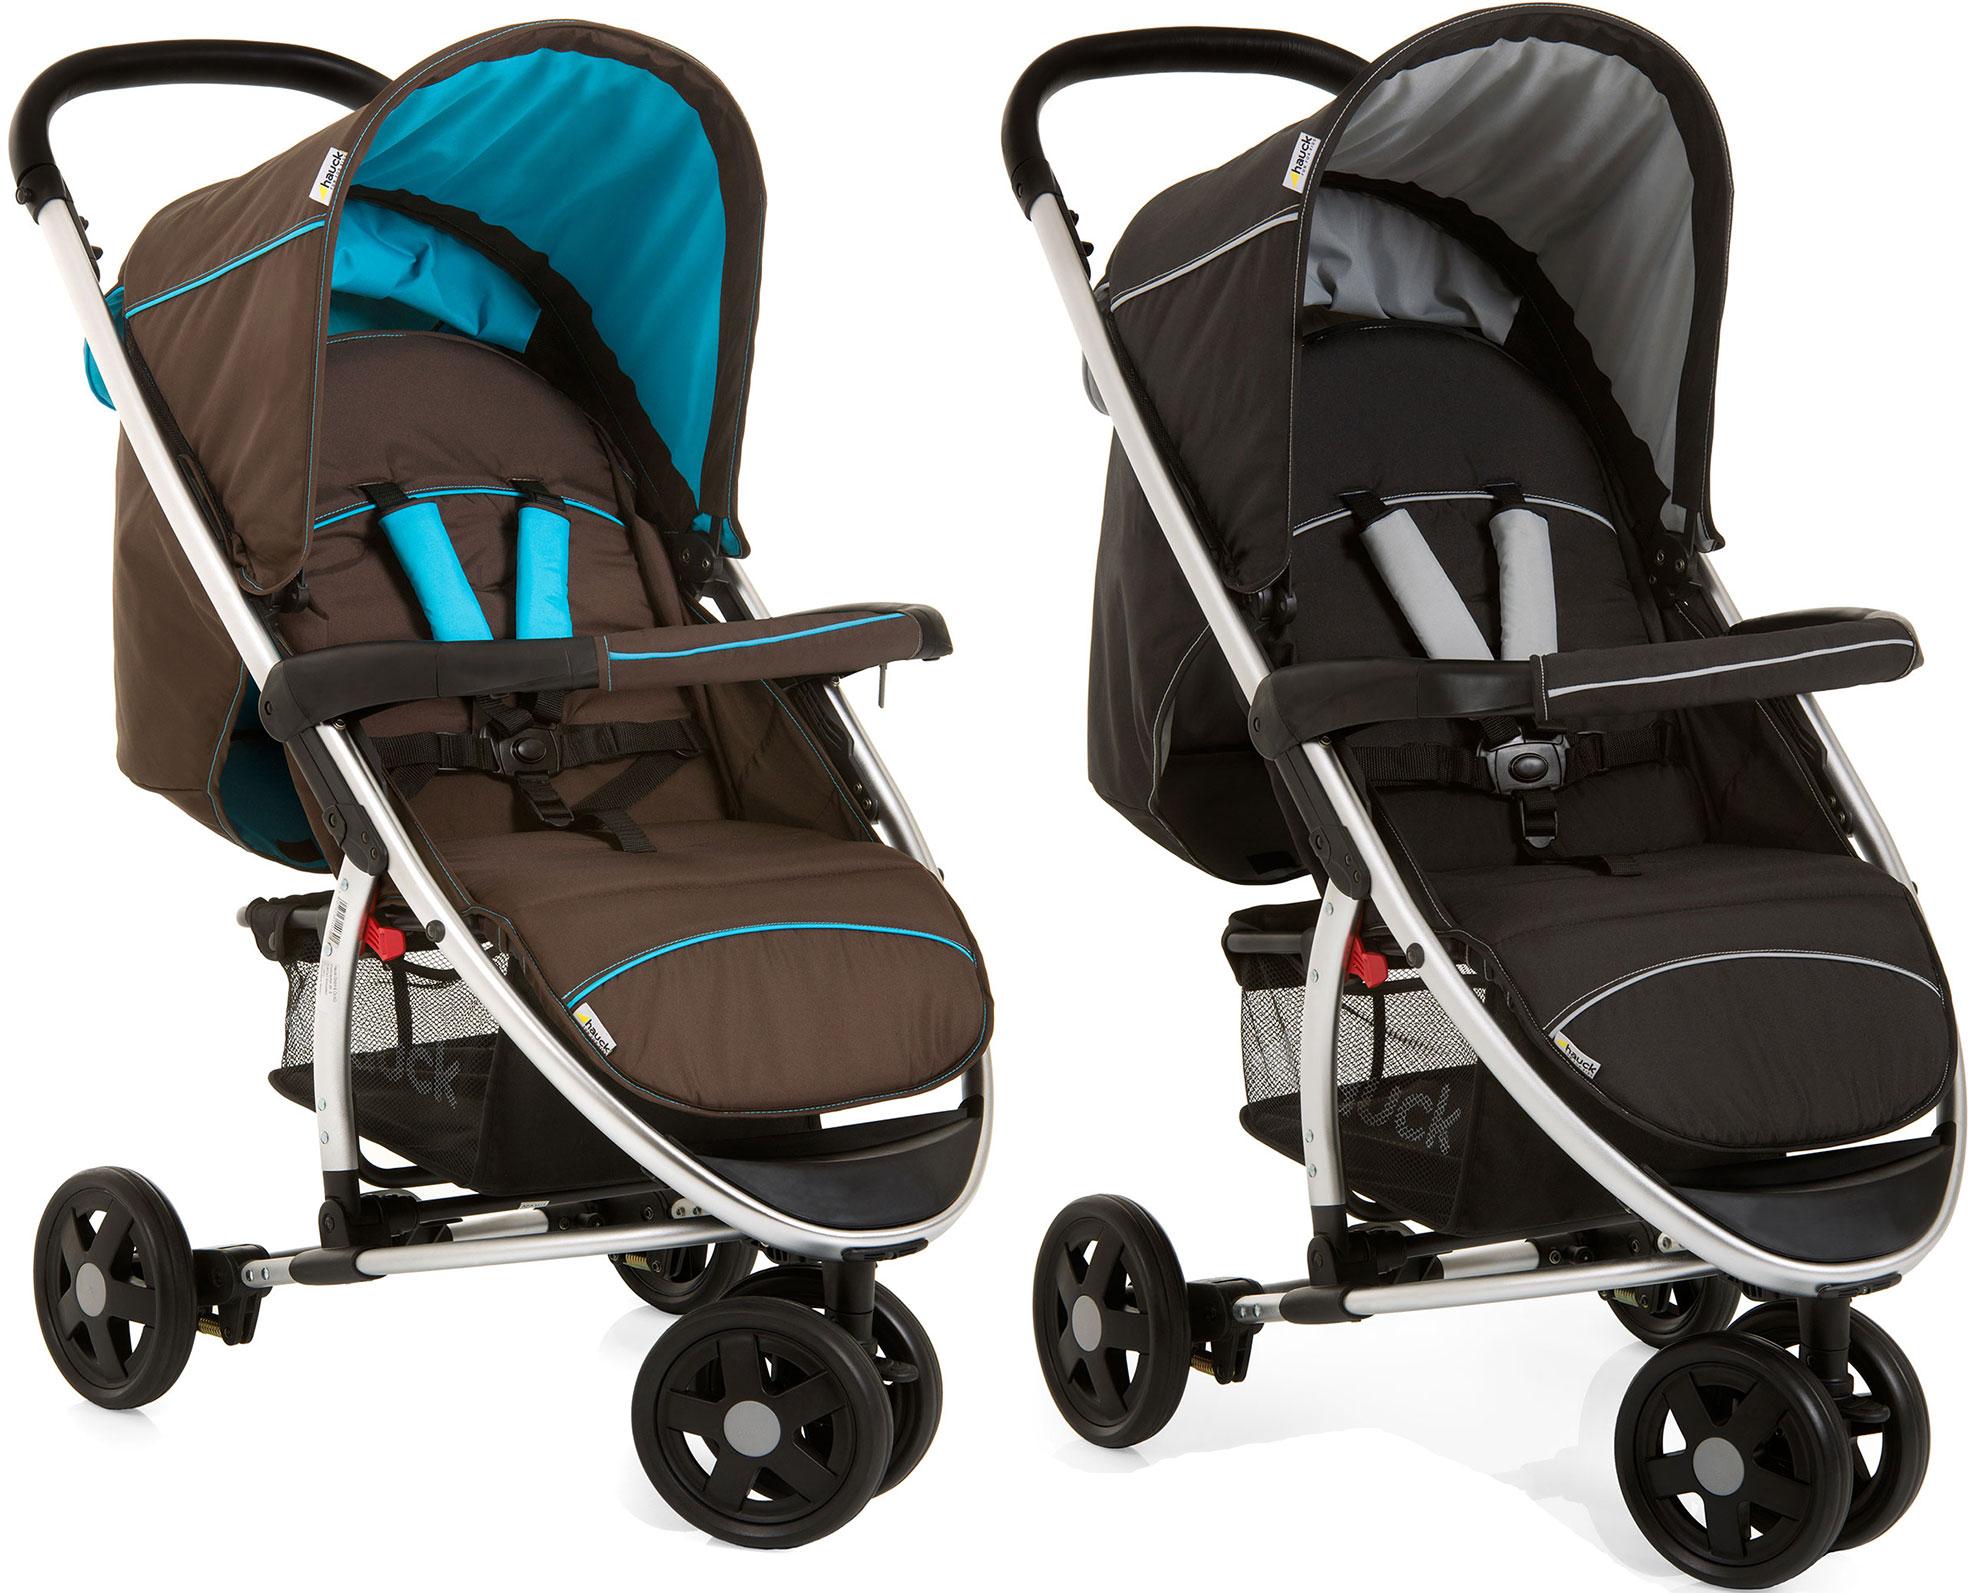 hauck sport jogging stroller. Black Bedroom Furniture Sets. Home Design Ideas